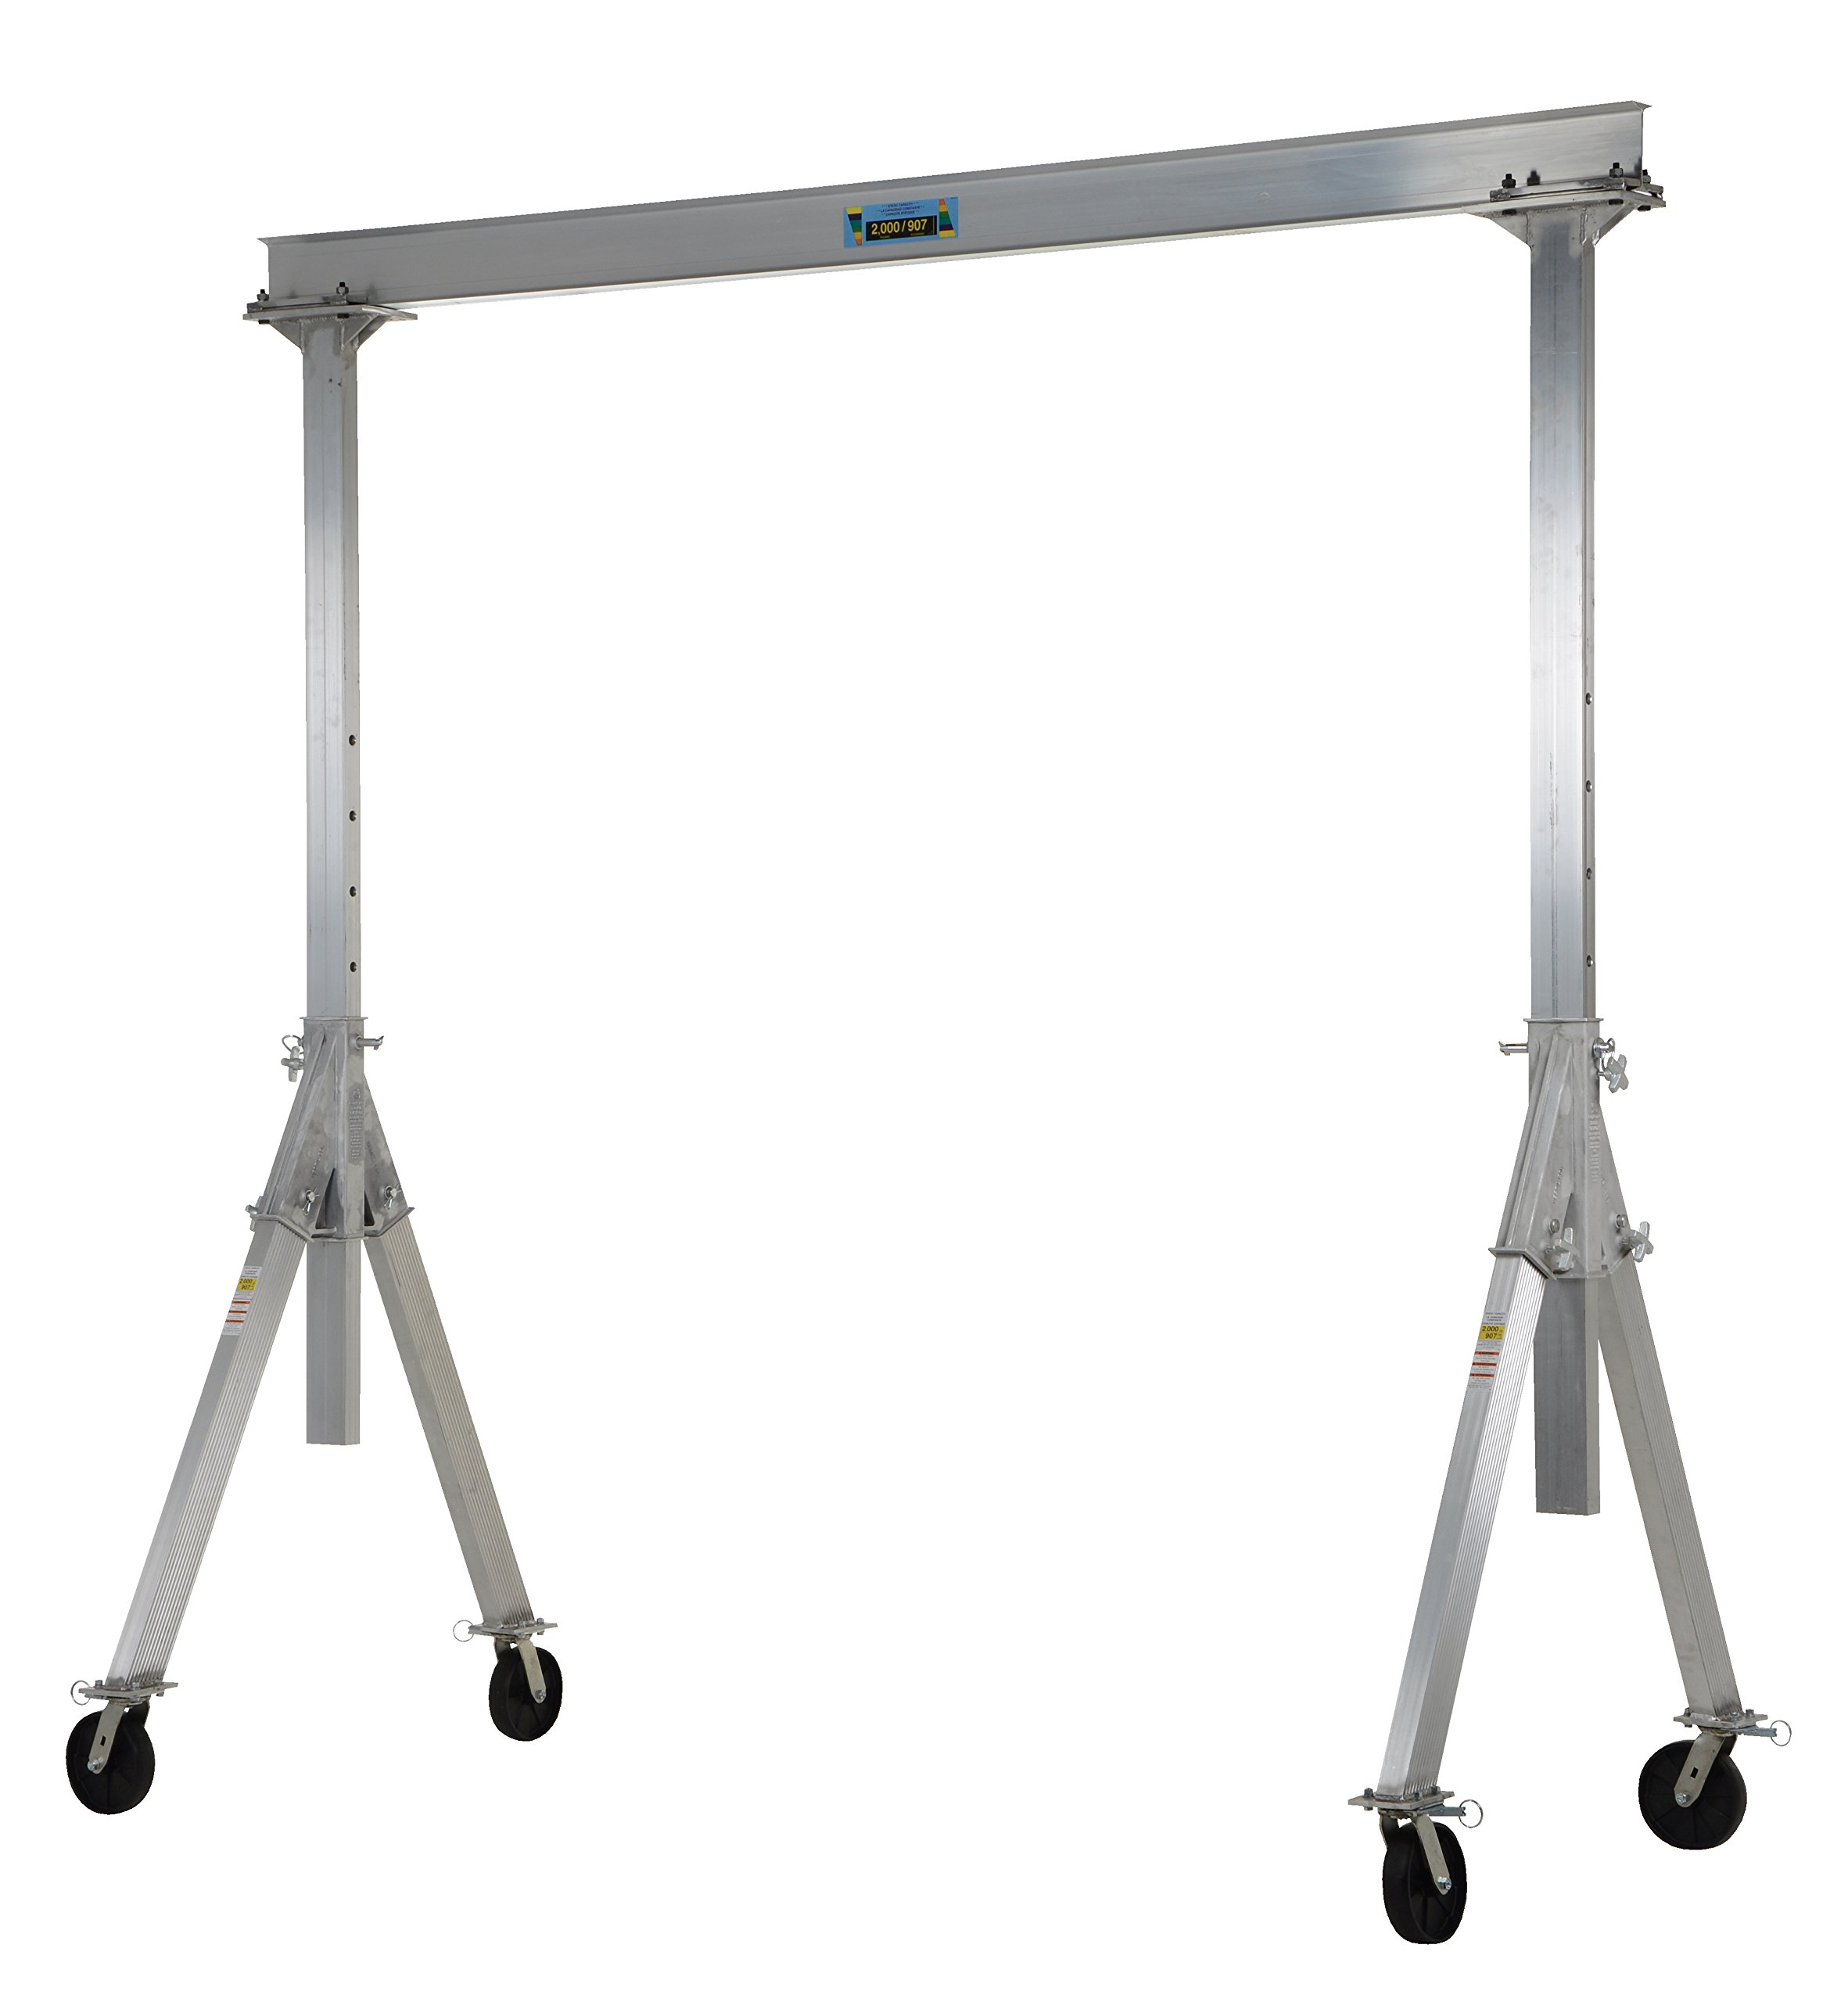 Vestil AHA-2-8-10 Aluminum Adjustable Gantry Crane, 2000 lb. Capacity, 8' Overall Beam, 96'' Usable Trolley Travel Distance, Under I-Beam Range 92''-120'', 128'' Height by Vestil